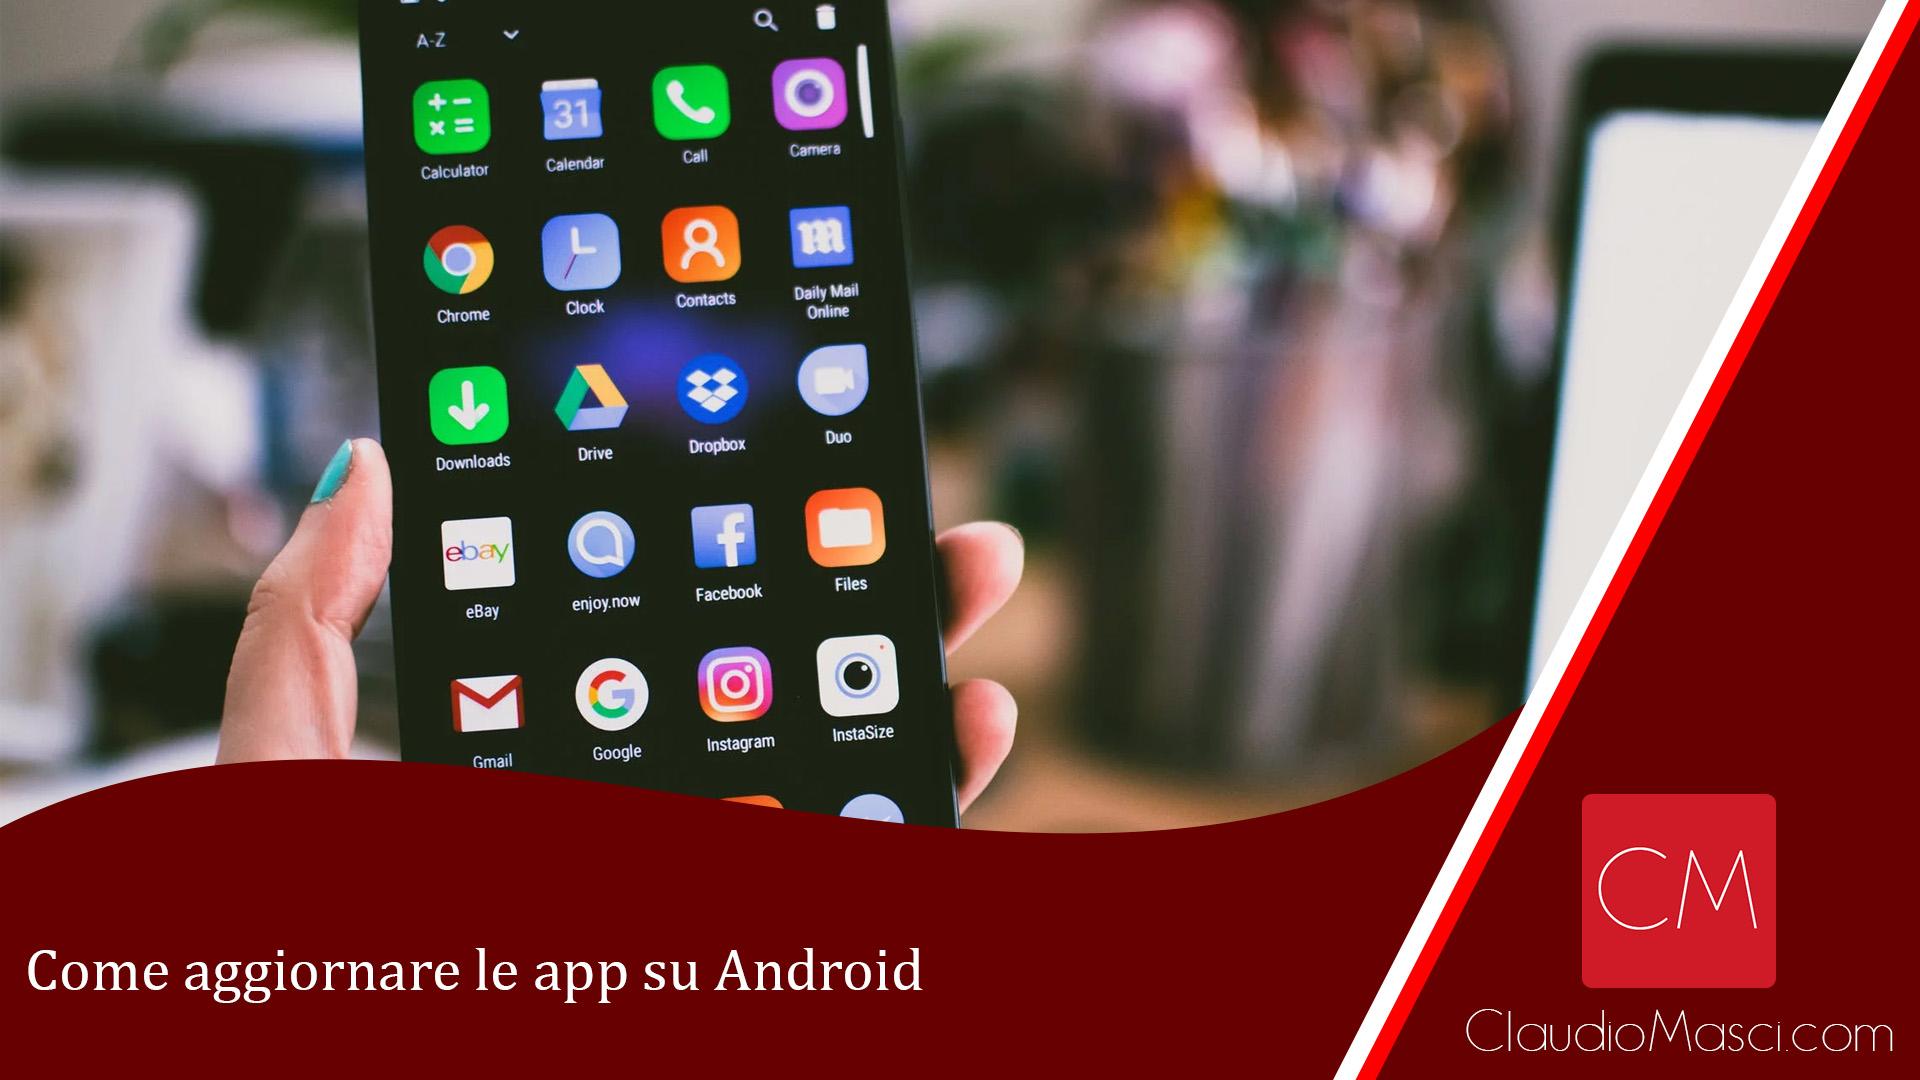 Come aggiornare le app su Android